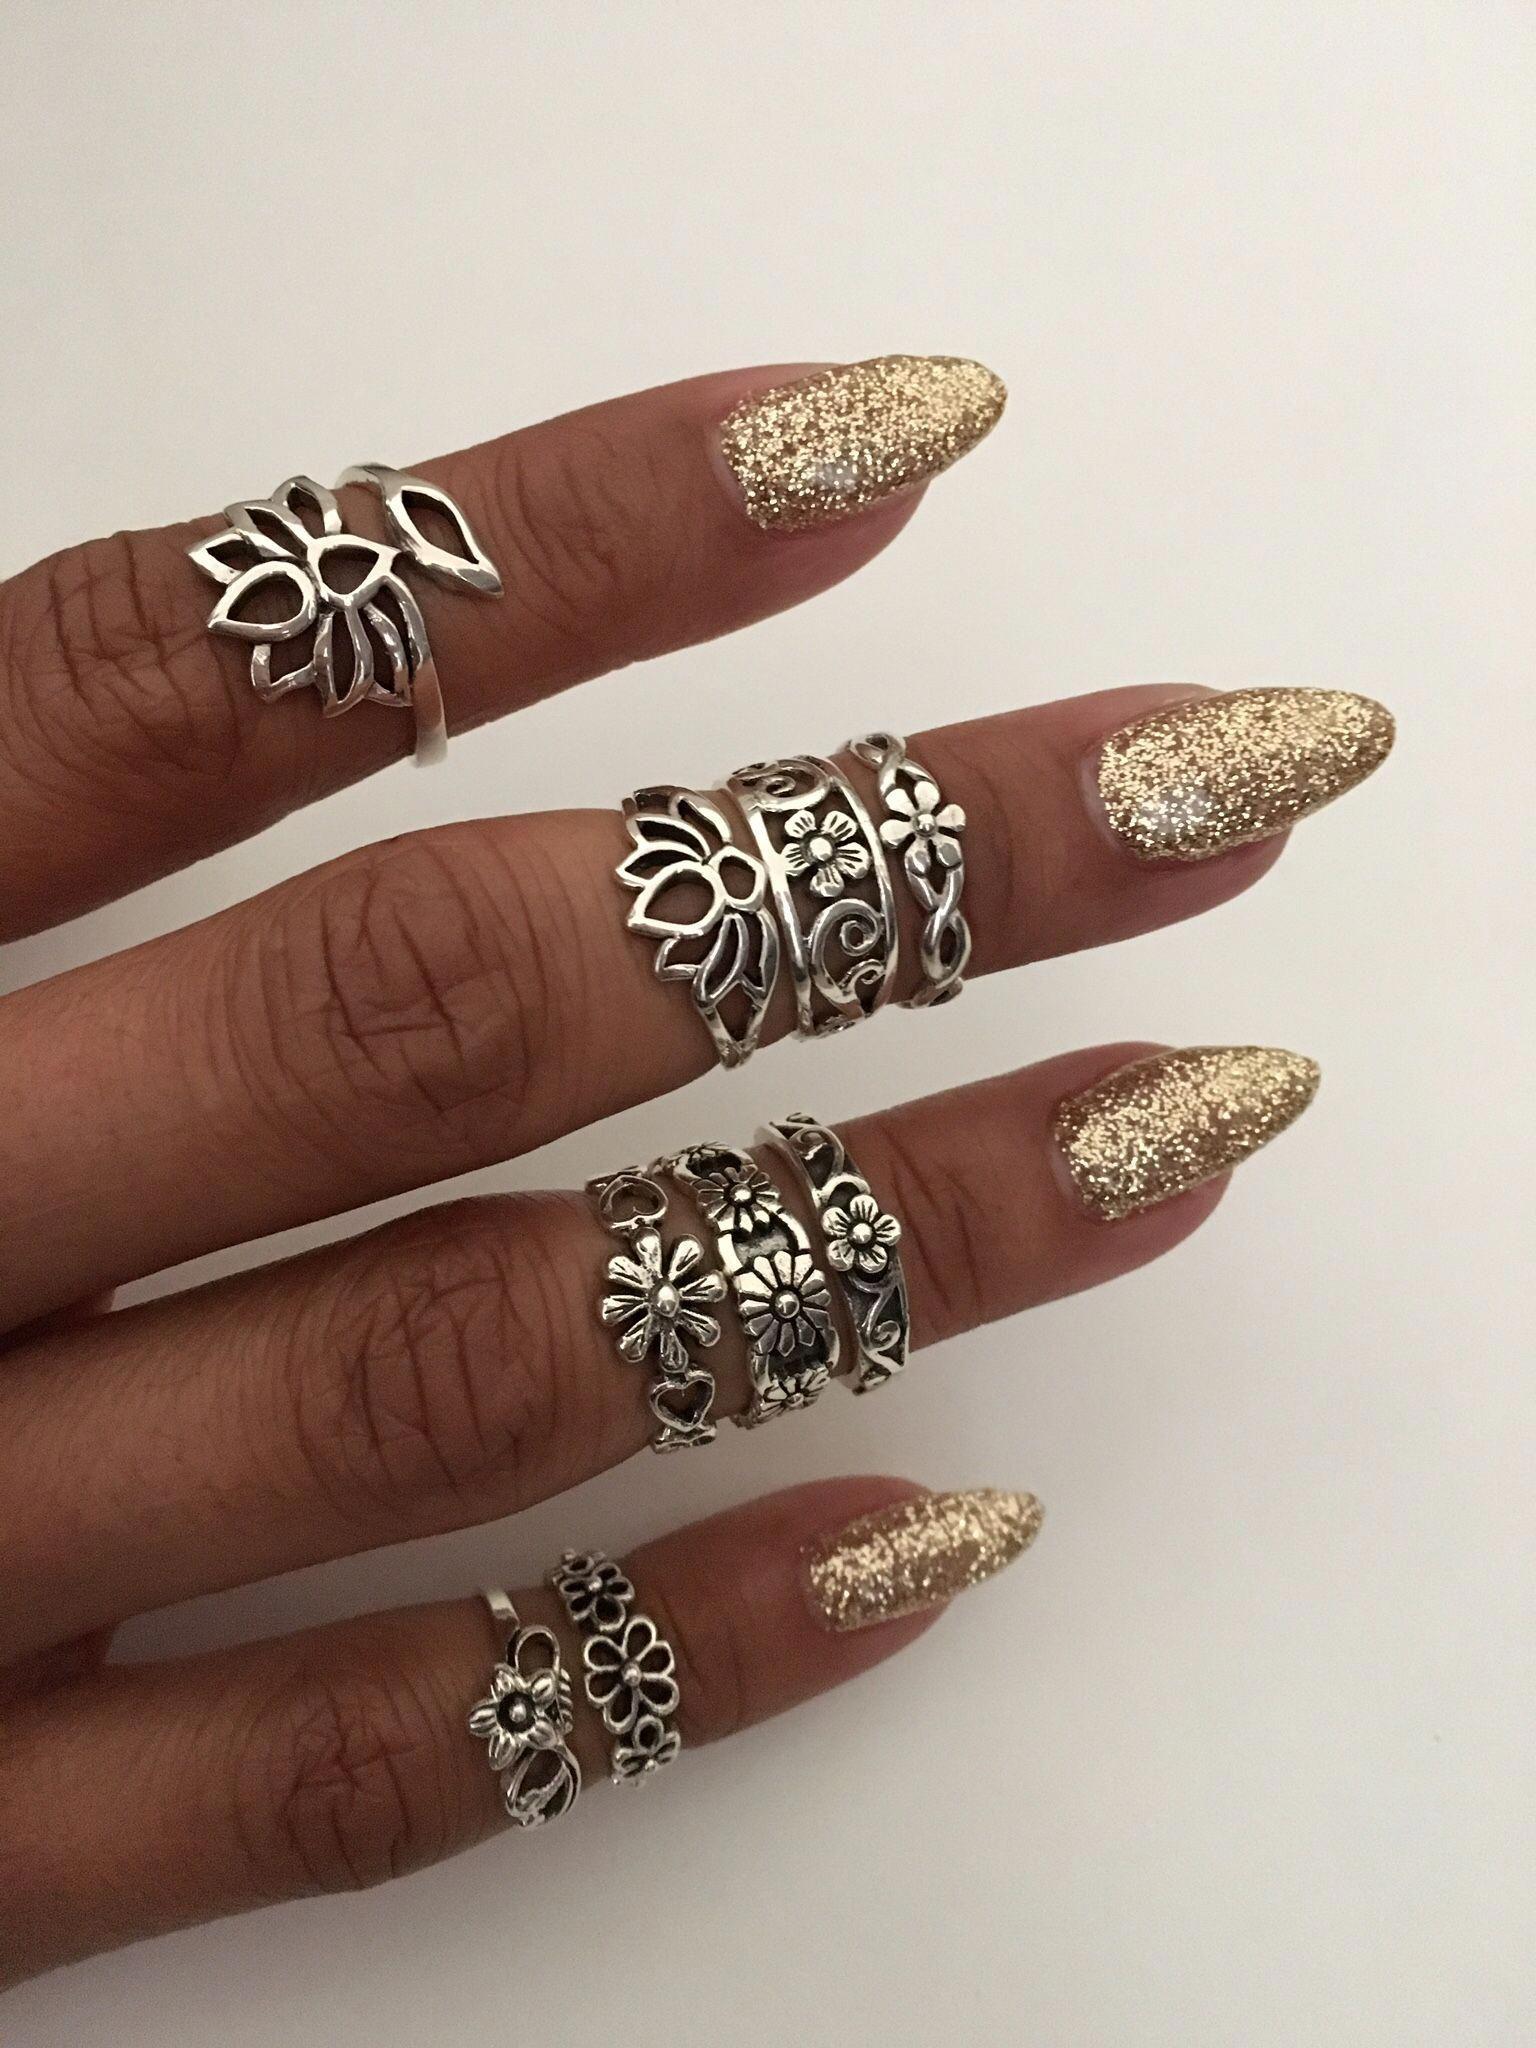 Diamond Alternatives Flower Toe Ring with Gift Box 14k White Gold over 925 SS